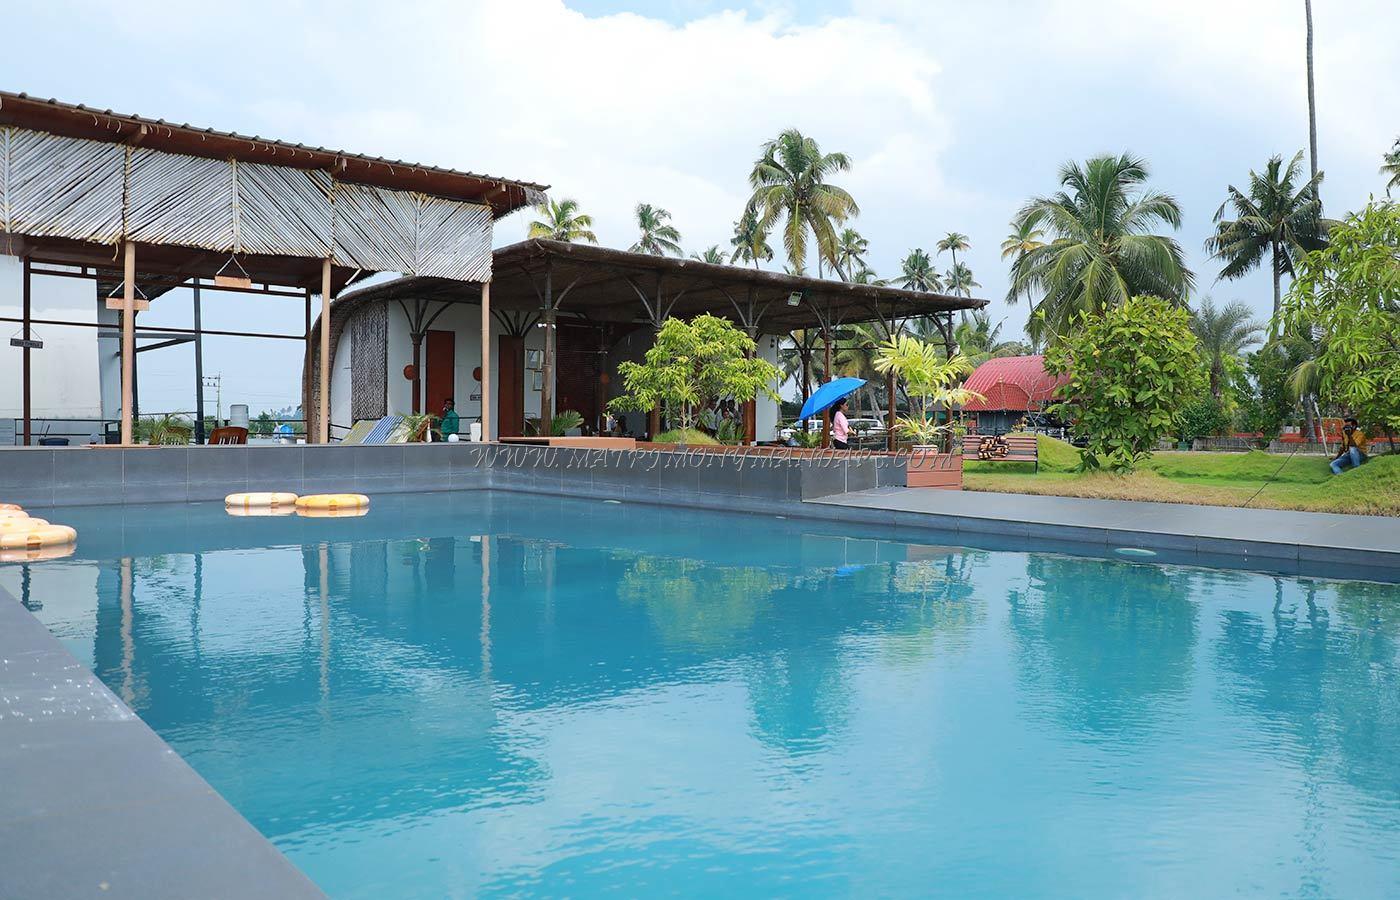 Aquatic Resort - 16